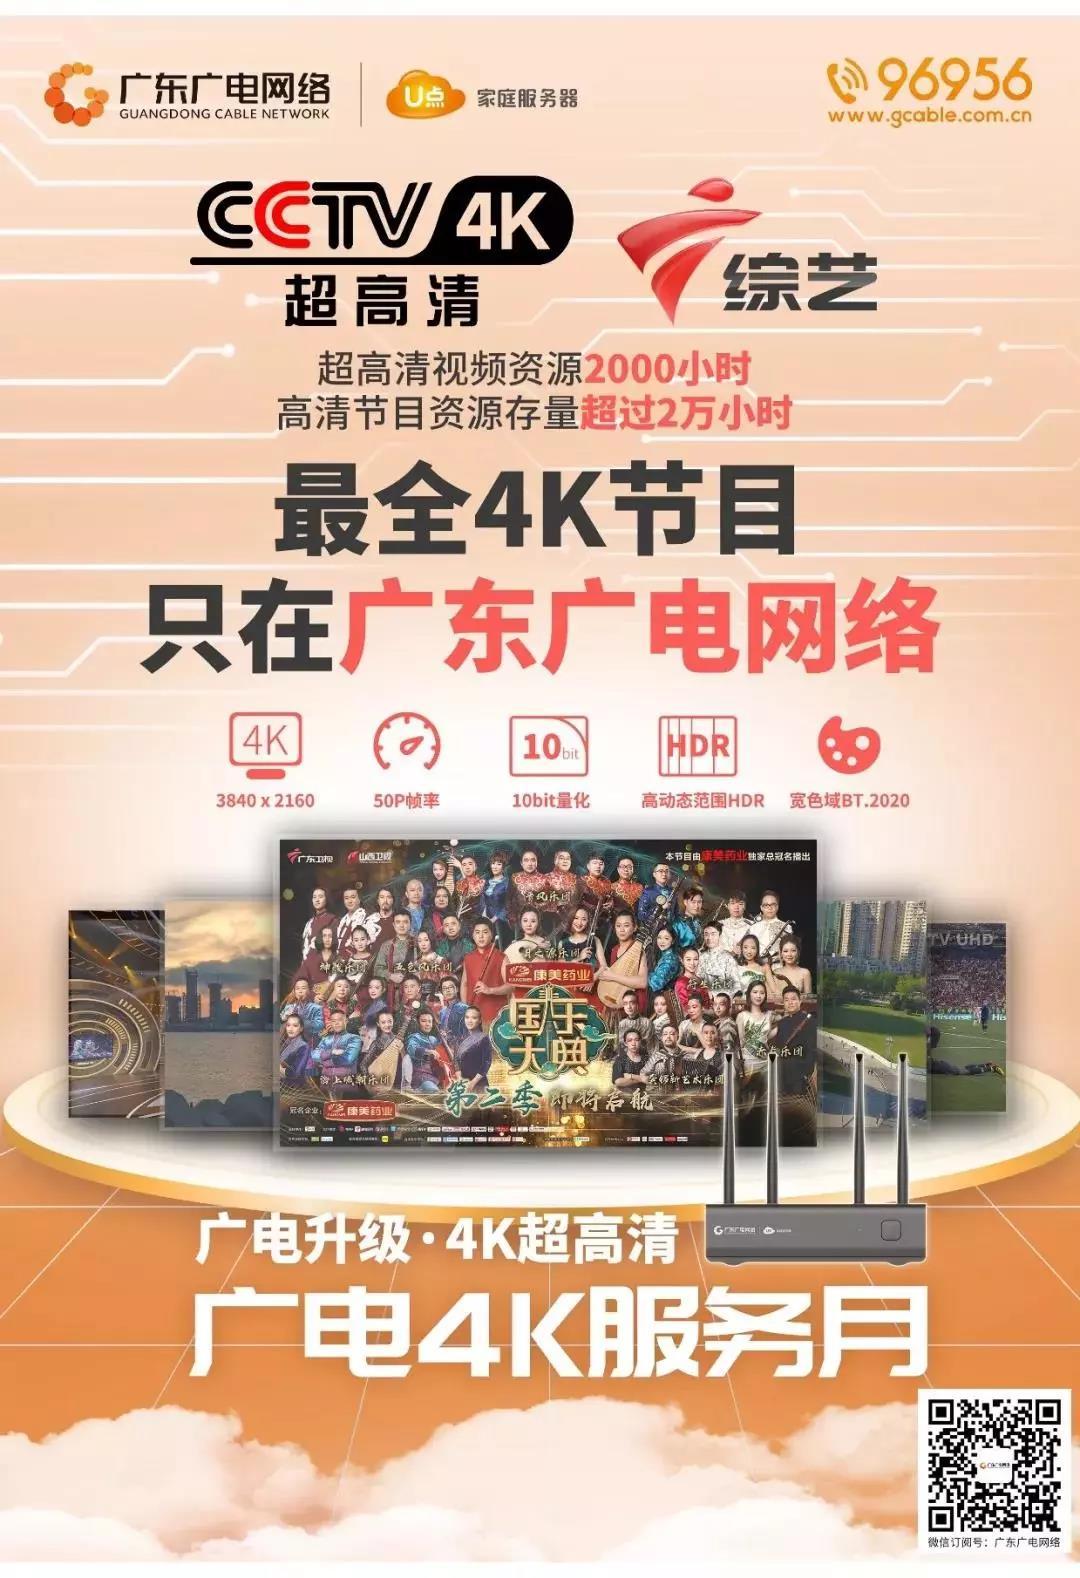 全国首个省级电视4K超高清频道落地广东广电网络